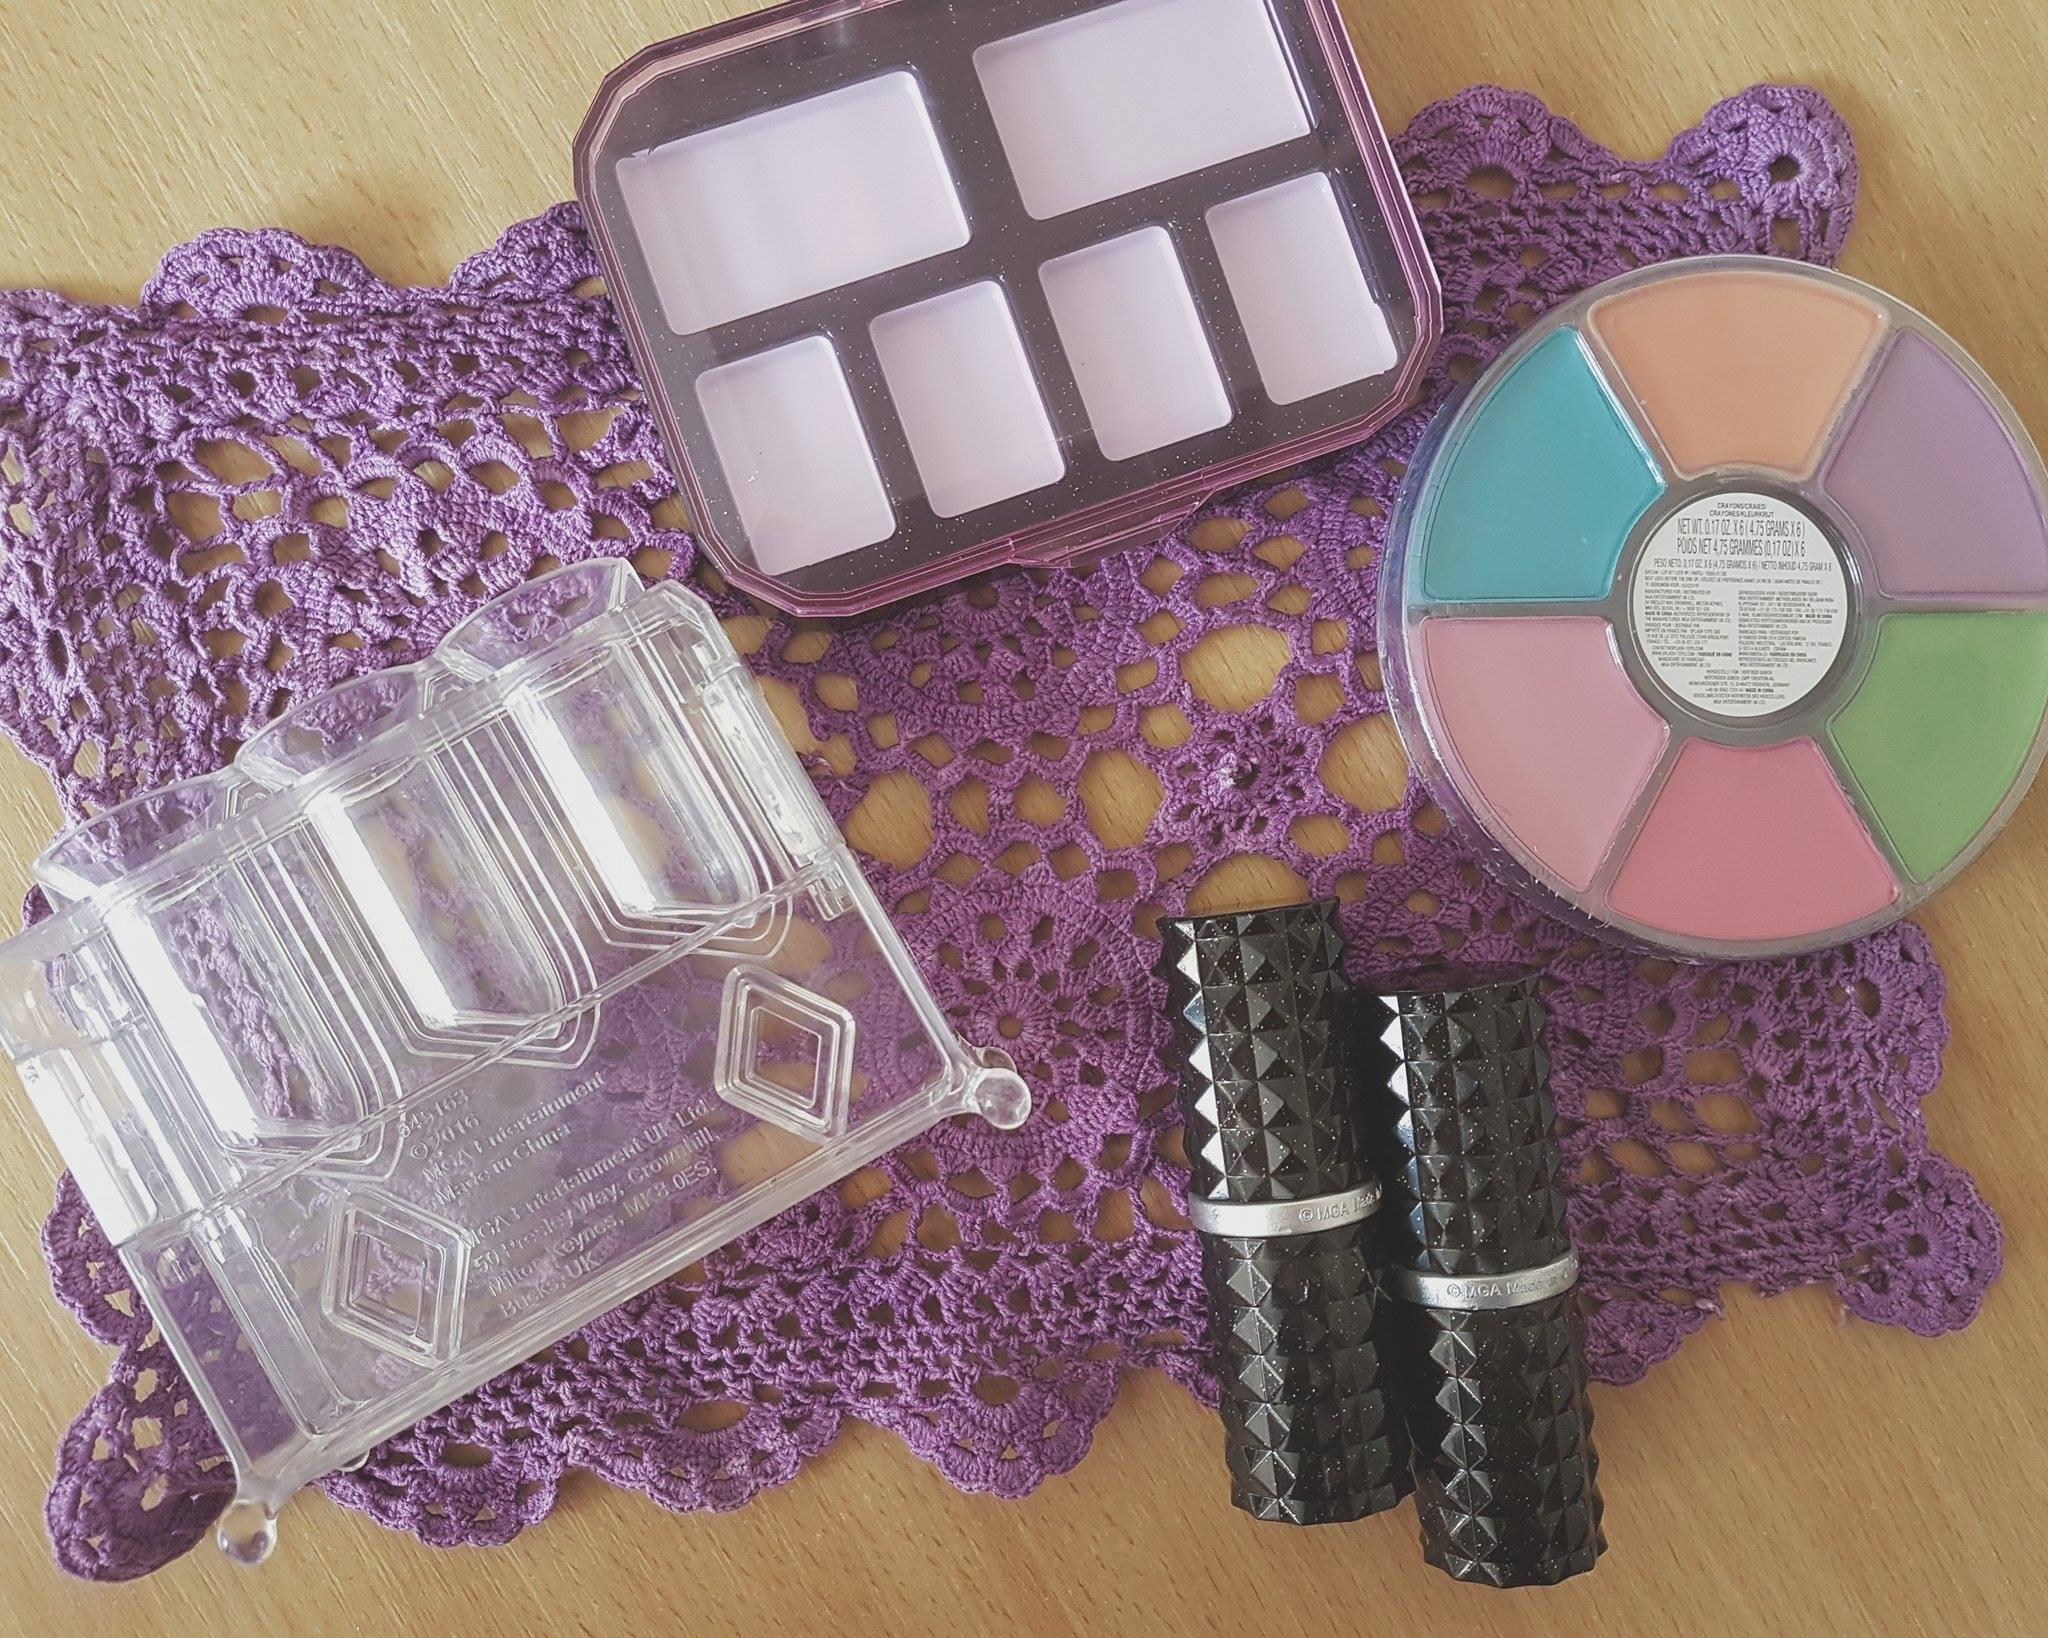 crayon-make-up-science-kit